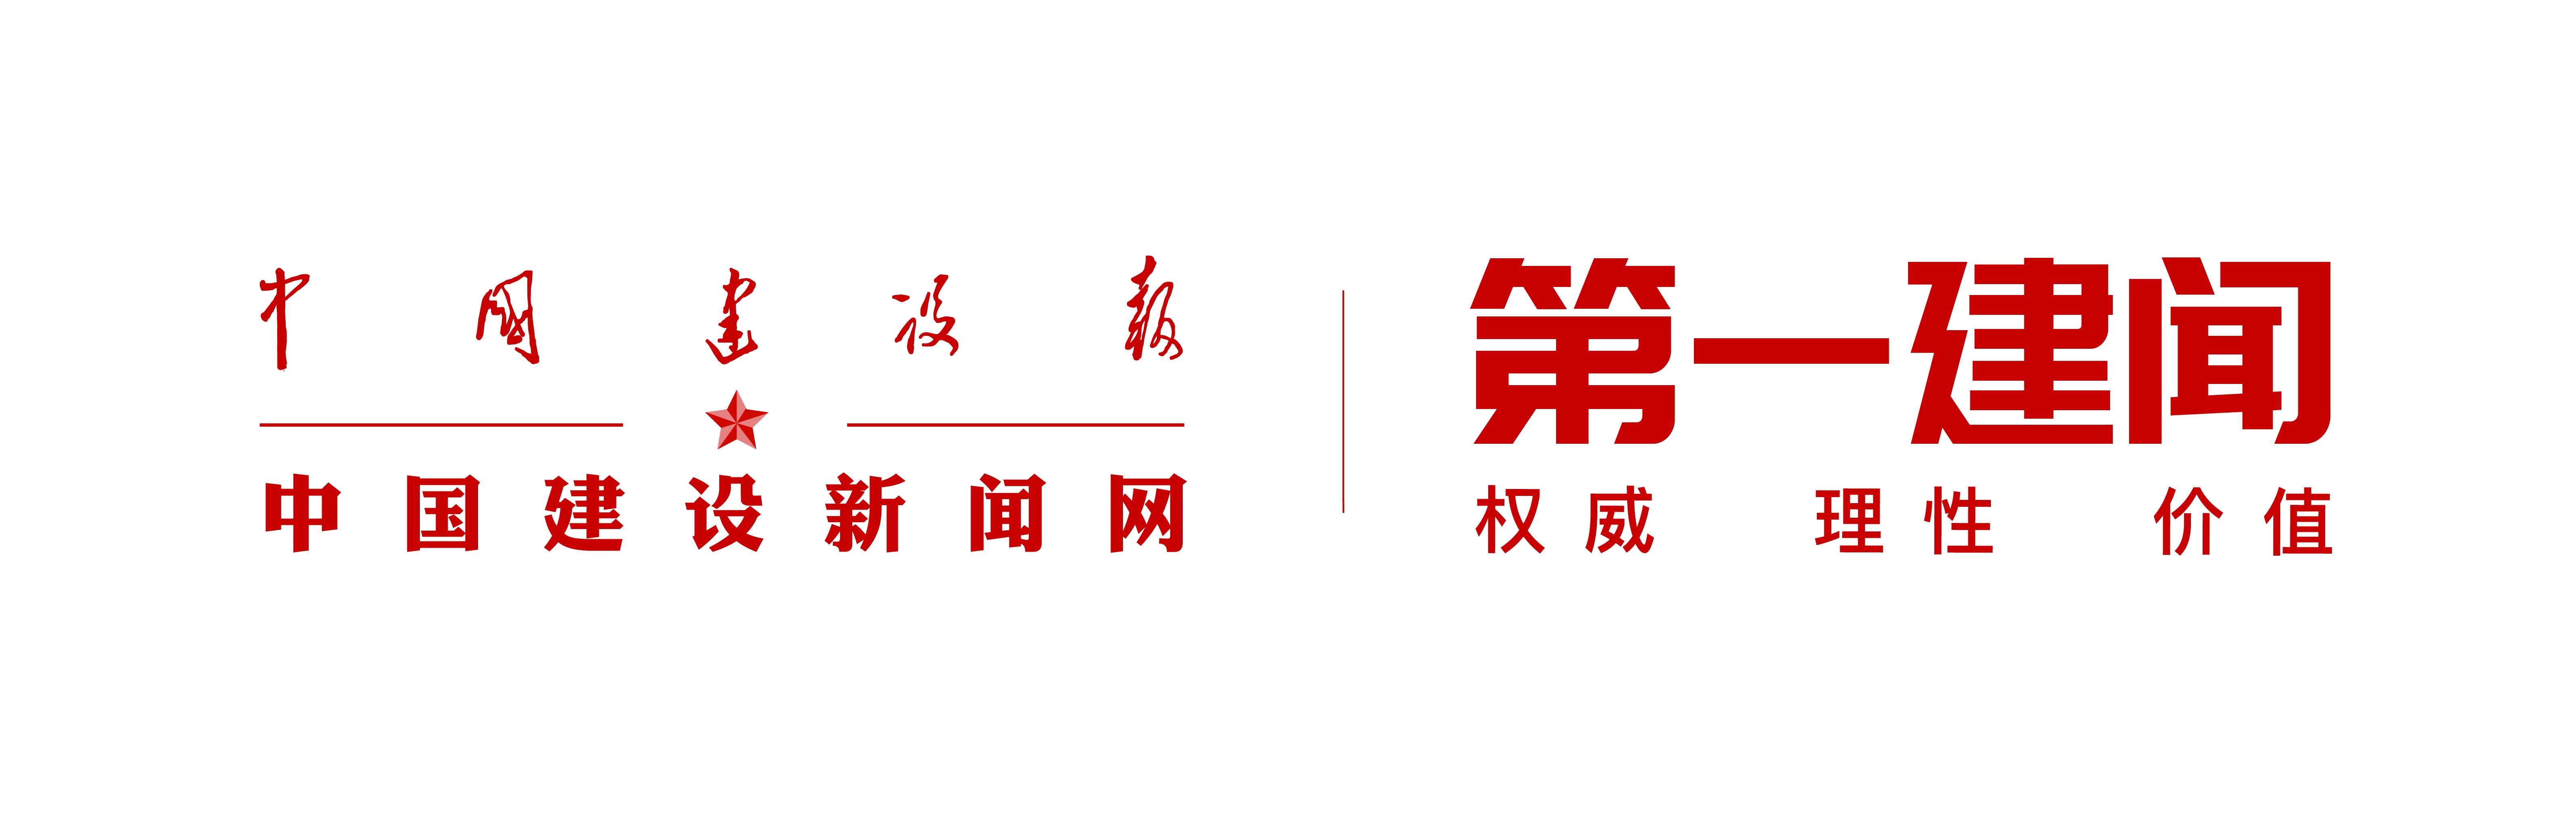 第一建闻logo设计_画板 1.jpg